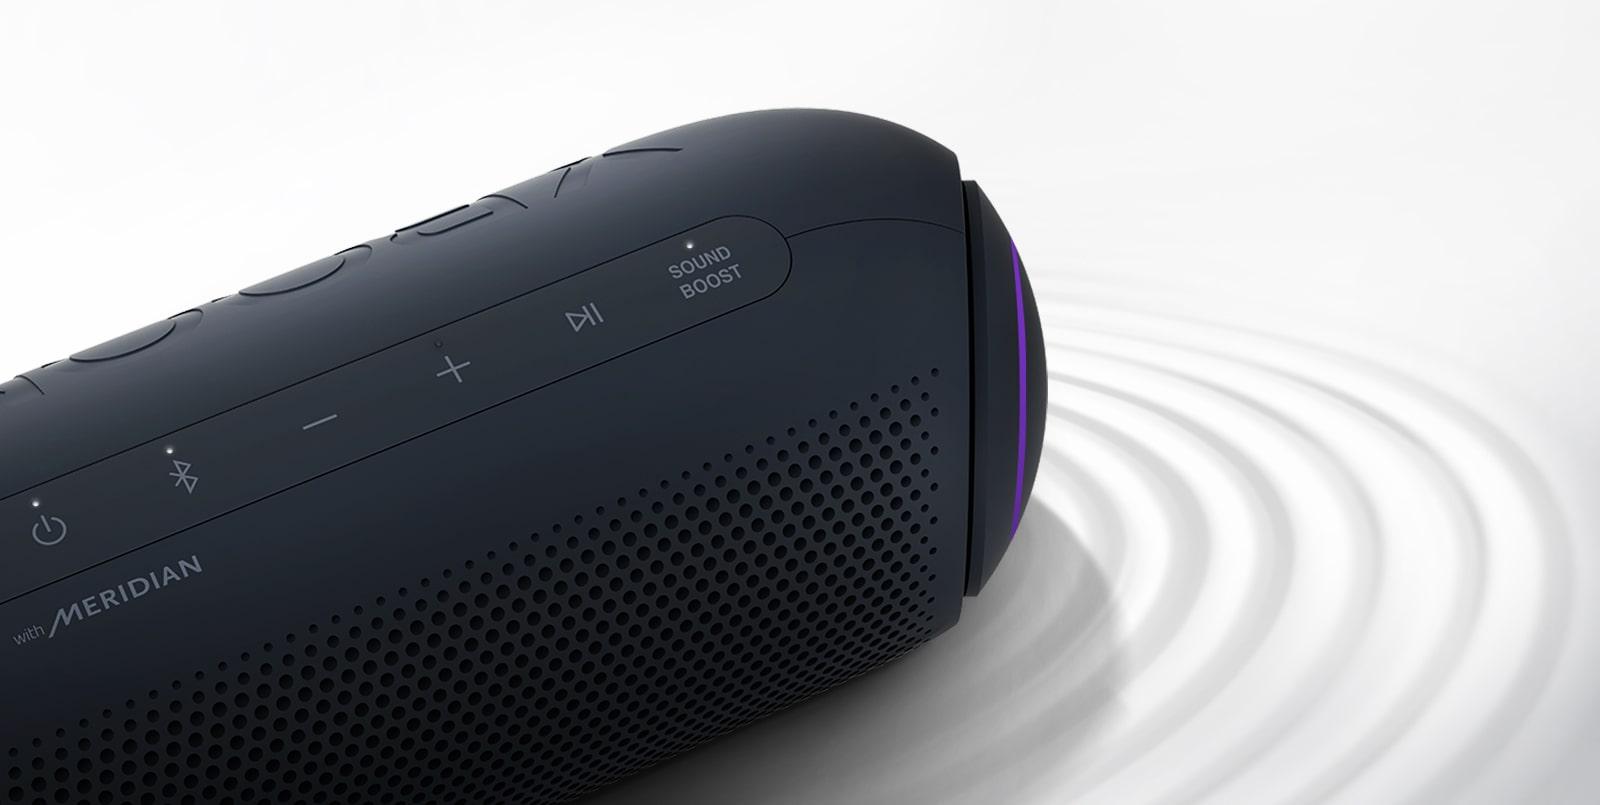 LG XBOOM Go hướng về góc trên bên phải đang bật đèn màu tím trên nền trắng, có hiệu ứng gợn sóng bên dưới sản phẩm.